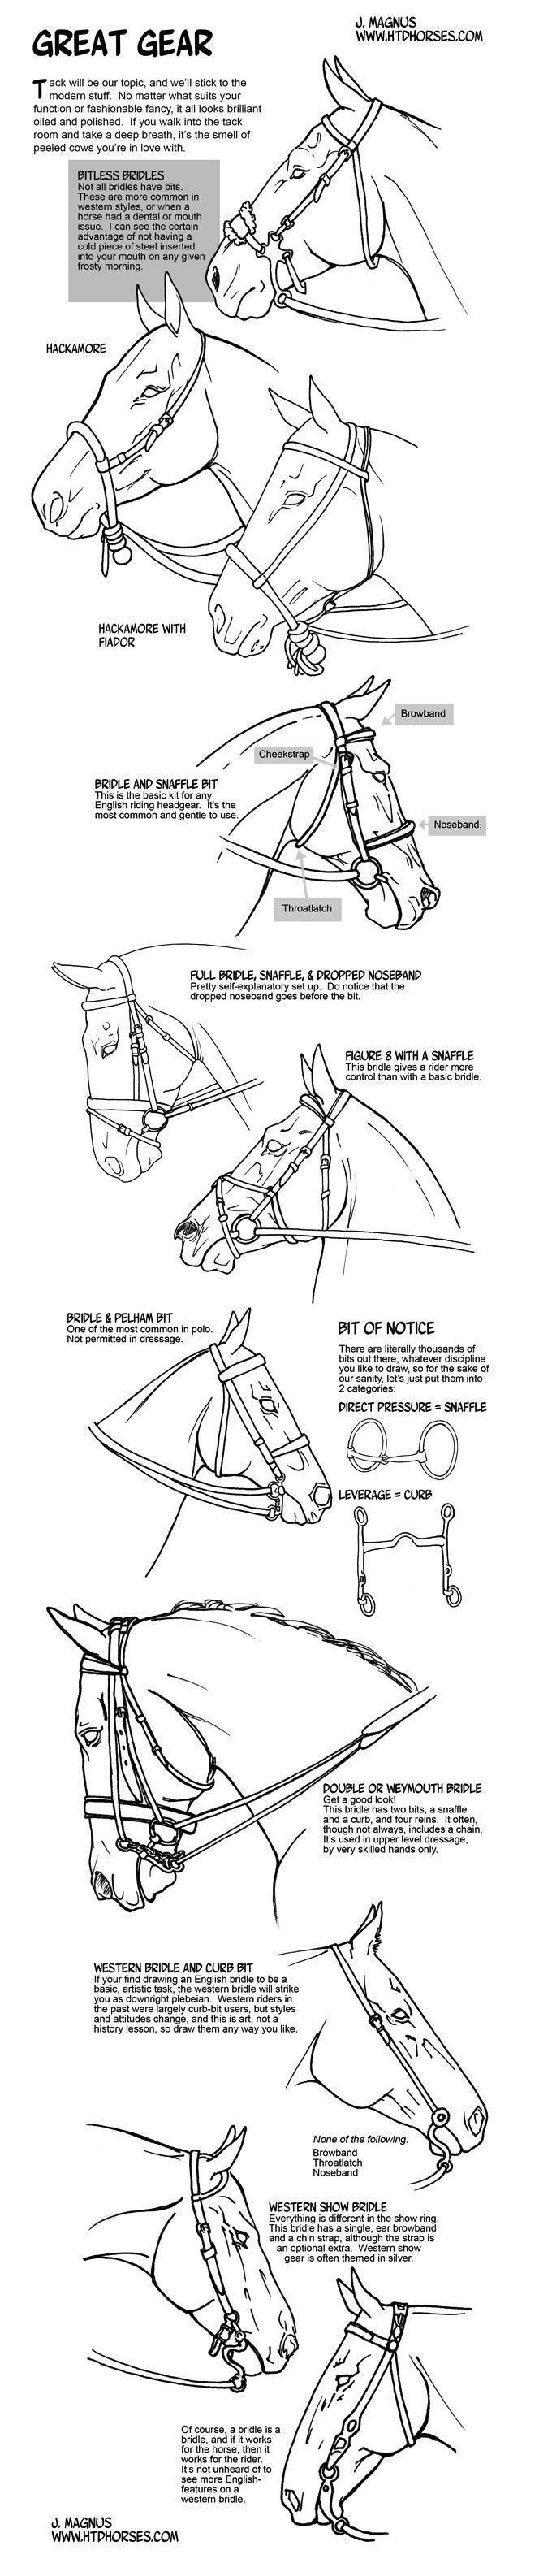 How to draw tack Bridles and Bits by sketcherjak.deviantart.com on @deviantART